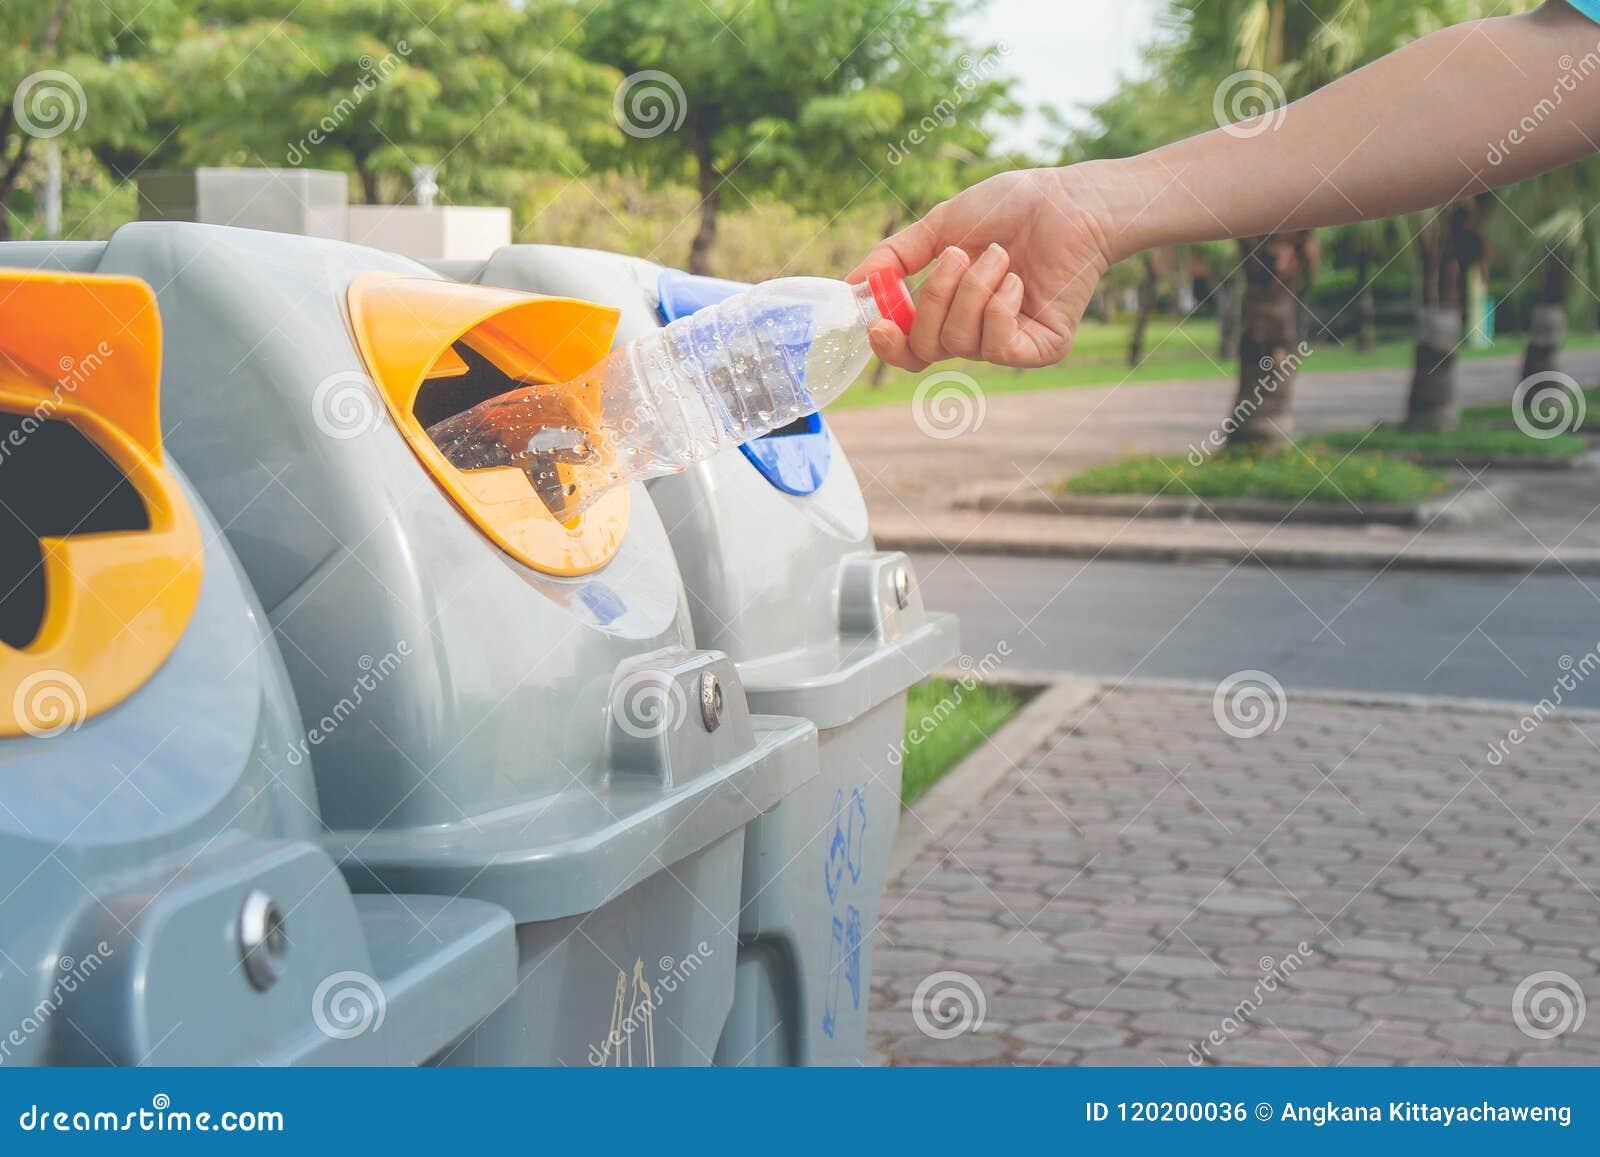 Mano de la mujer que pone la botella plástica usada en papeleras de reciclaje públicas o cubos de la basura segregados en parque